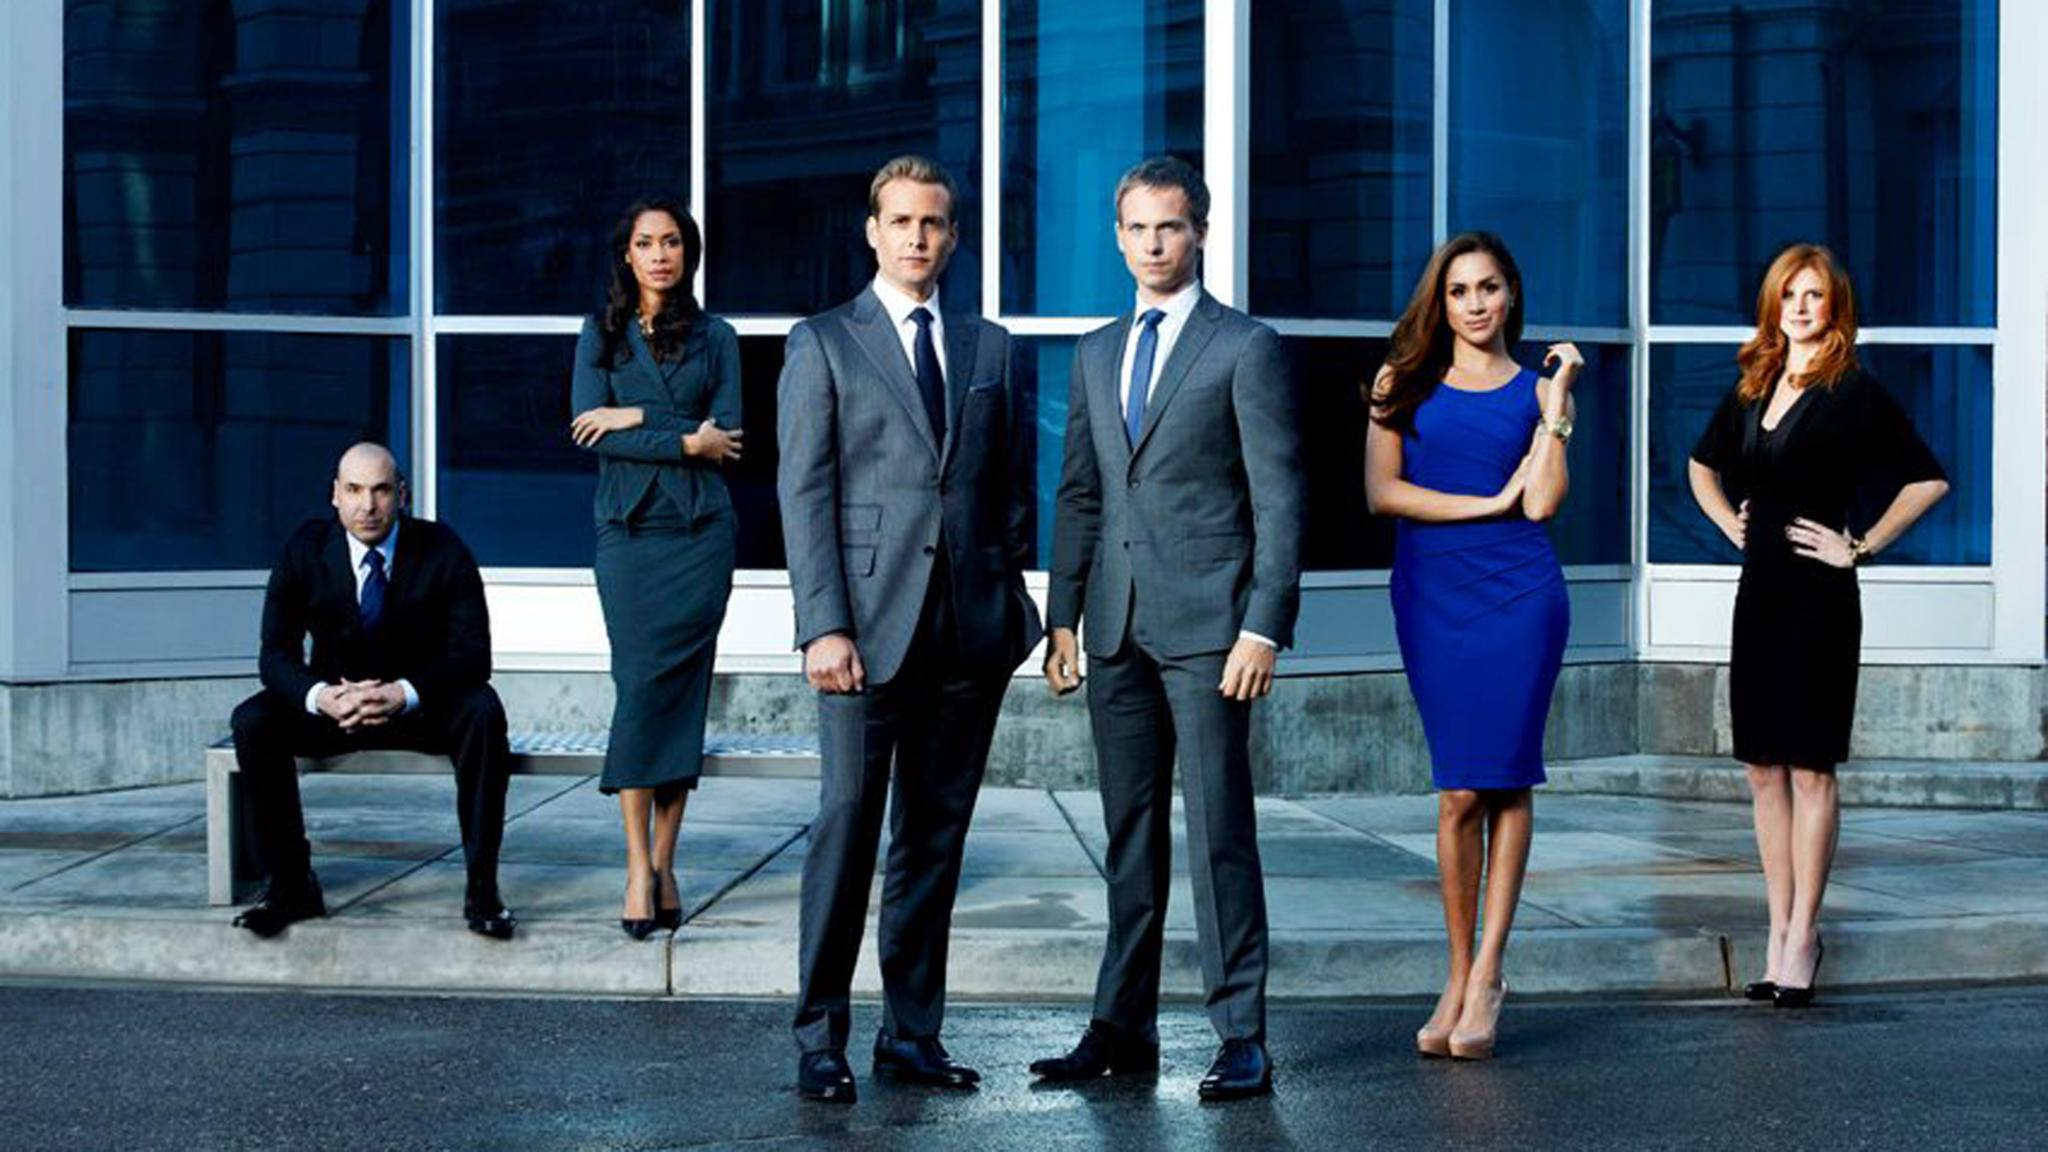 """Wer Anwaltsserien mag, wird """"Suits"""" lieben. Mit insgesamt sechs Staffeln bietet die US-Serie auch genug Material zum Bingewatchen."""